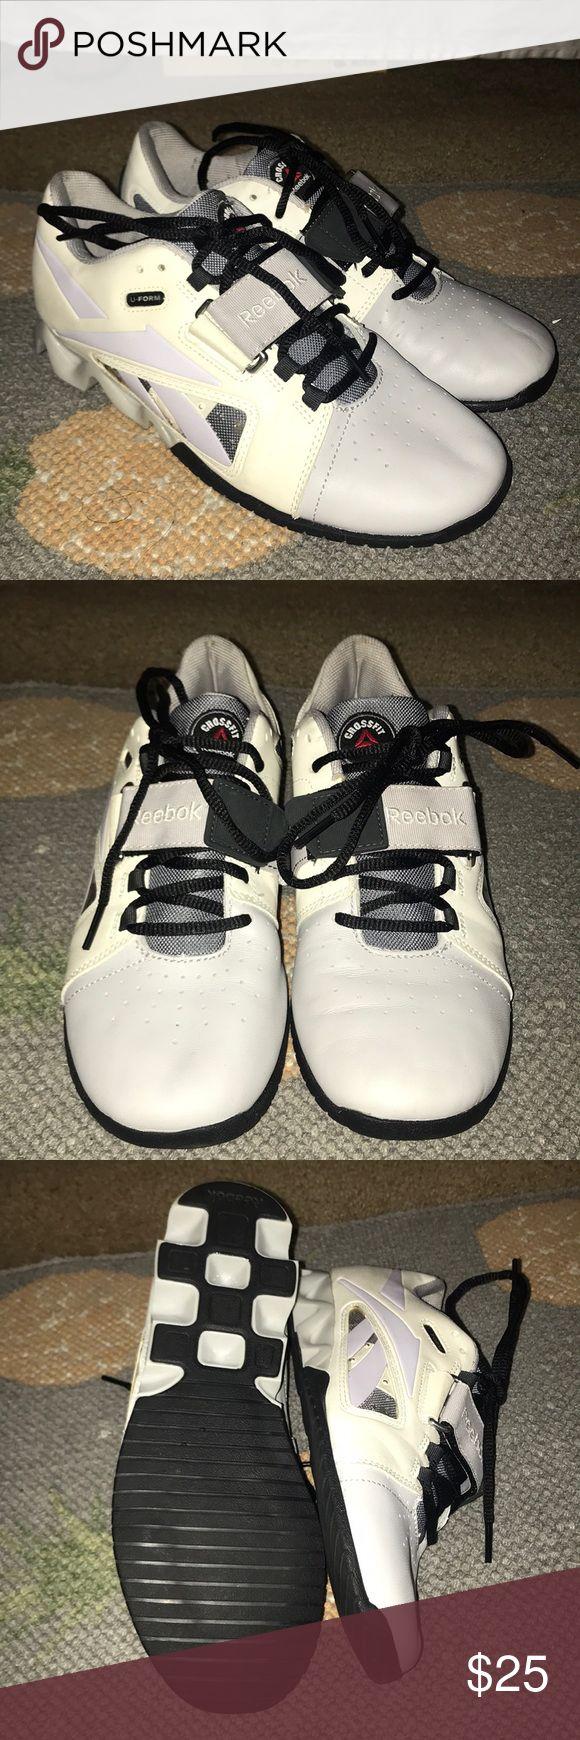 Reebok Crossfit Lifting shoes Reebok Crossfit Lifting Shoes worn once Reebok Shoes Athletic Shoes